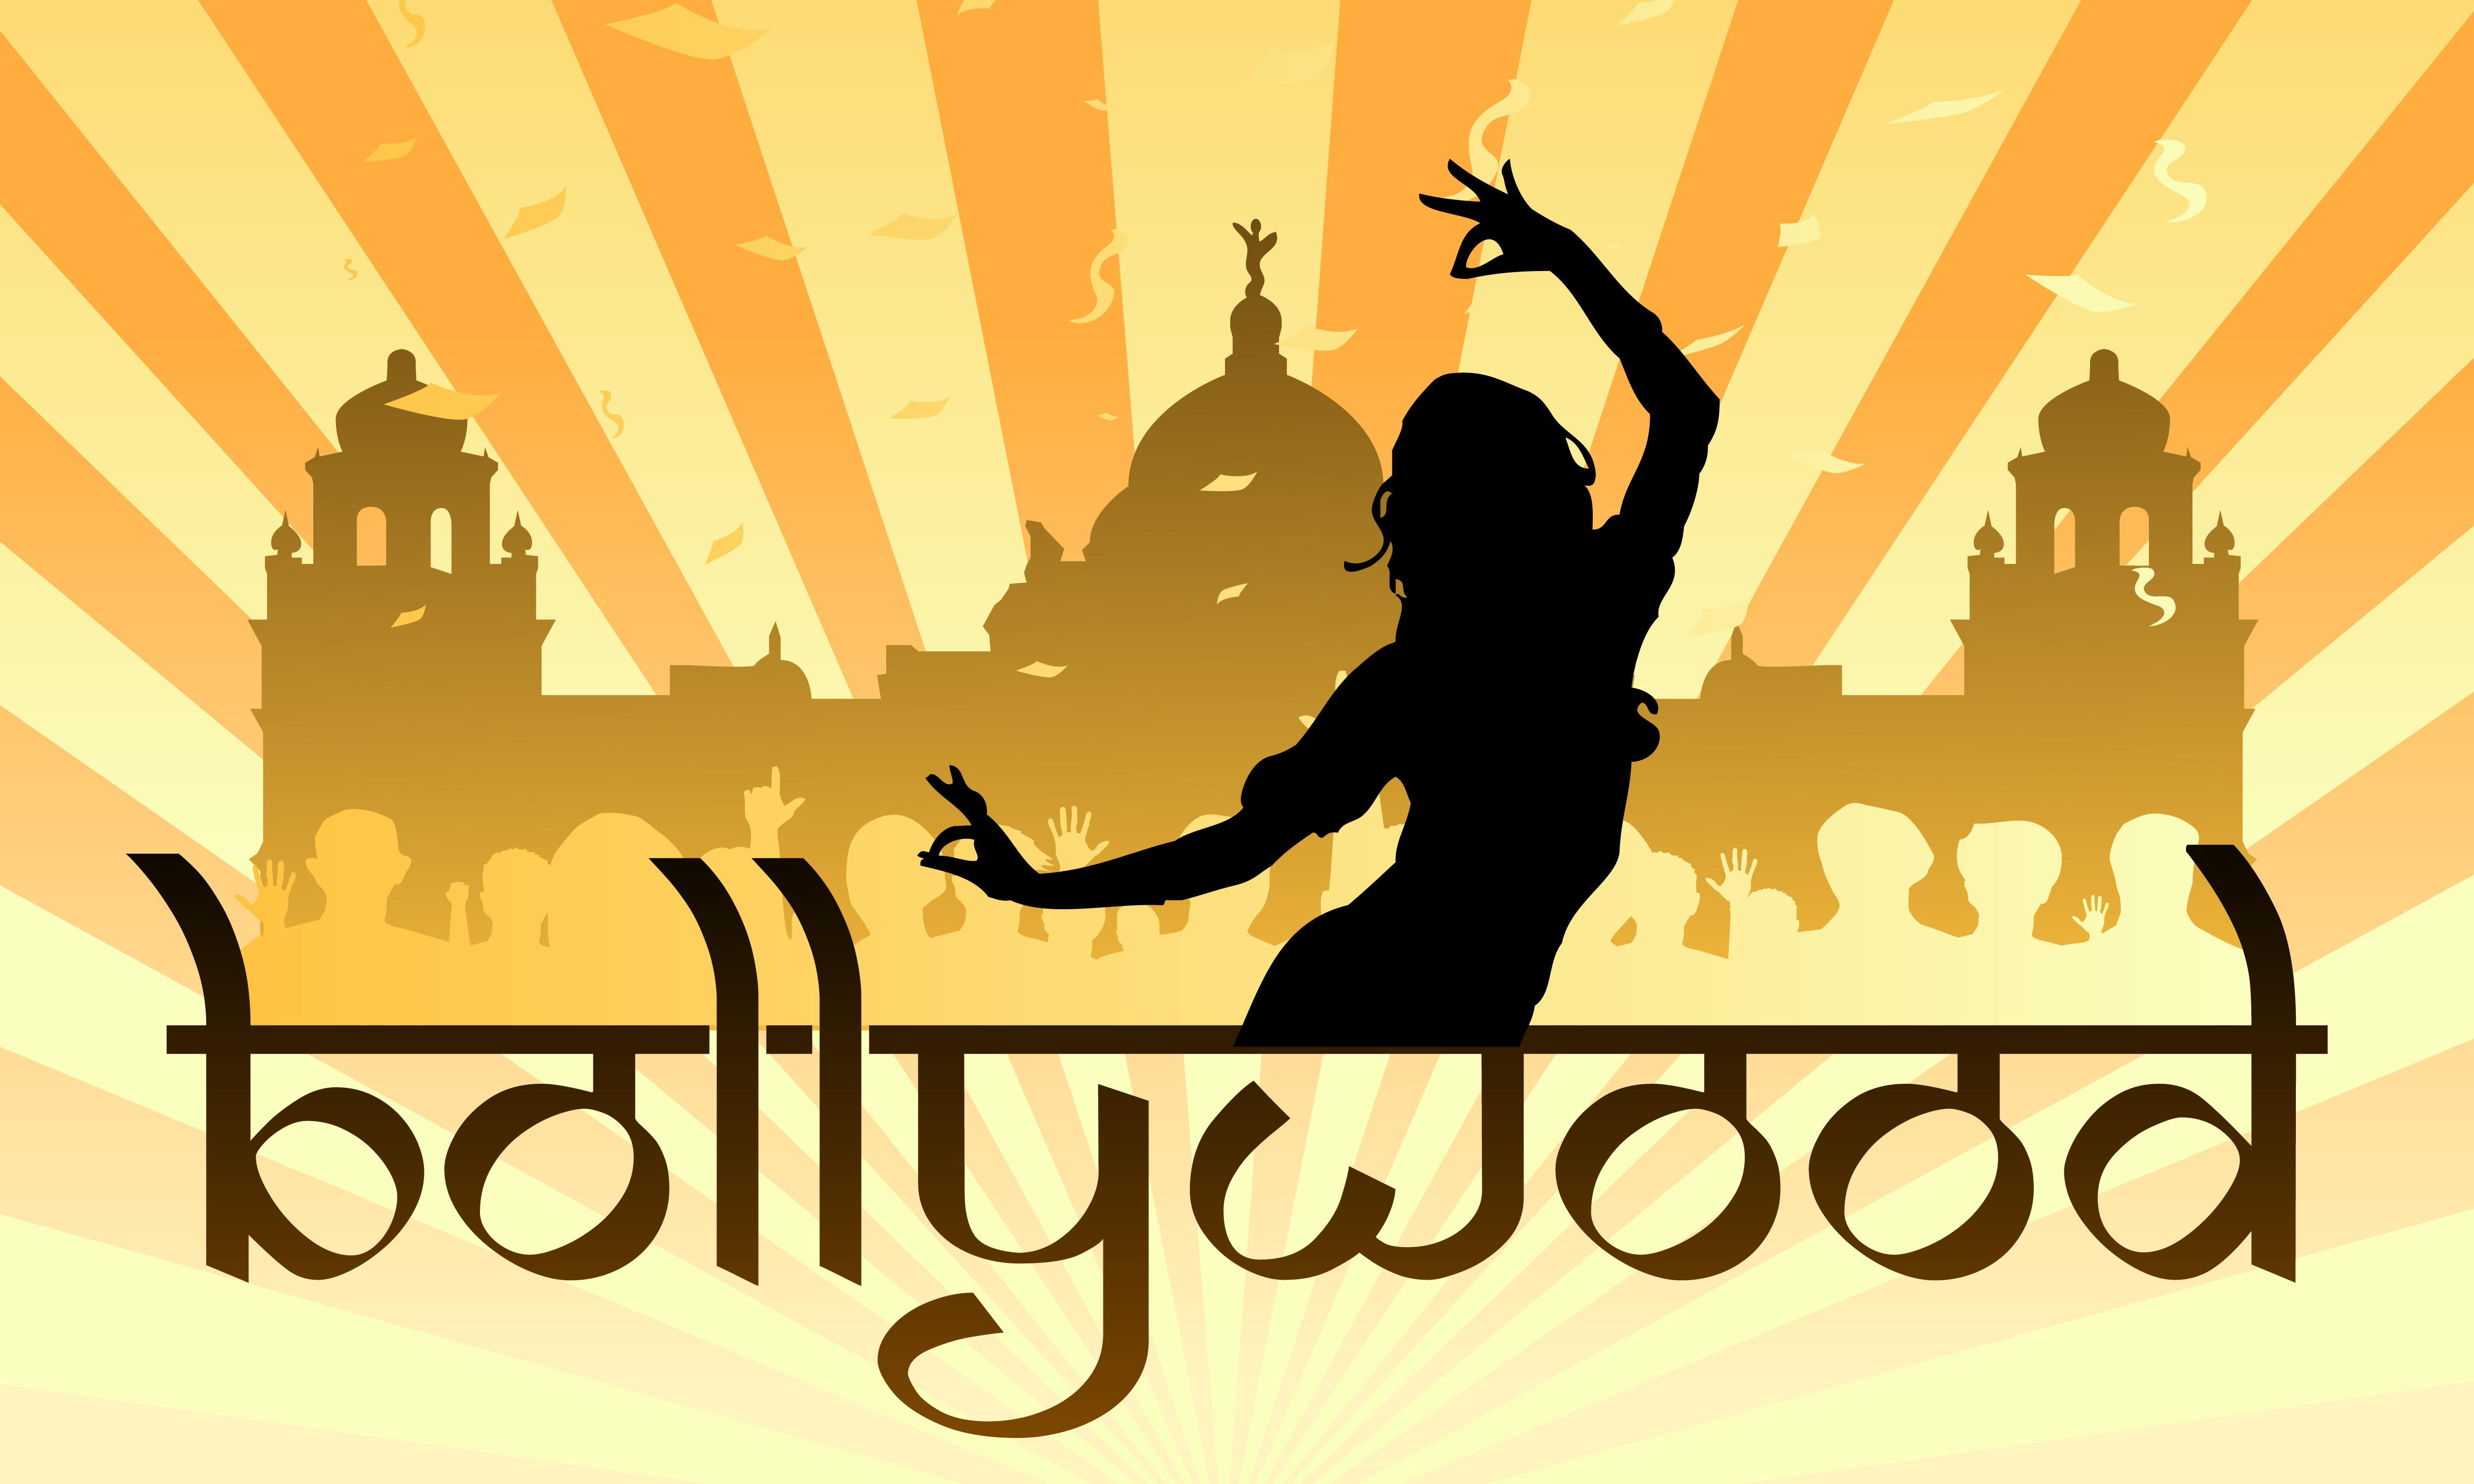 બોલીવૂડમાં હવે ફિલ્મની સફળતાનો નવો બેંચમાર્ક રૂપિયા300 કરોડ